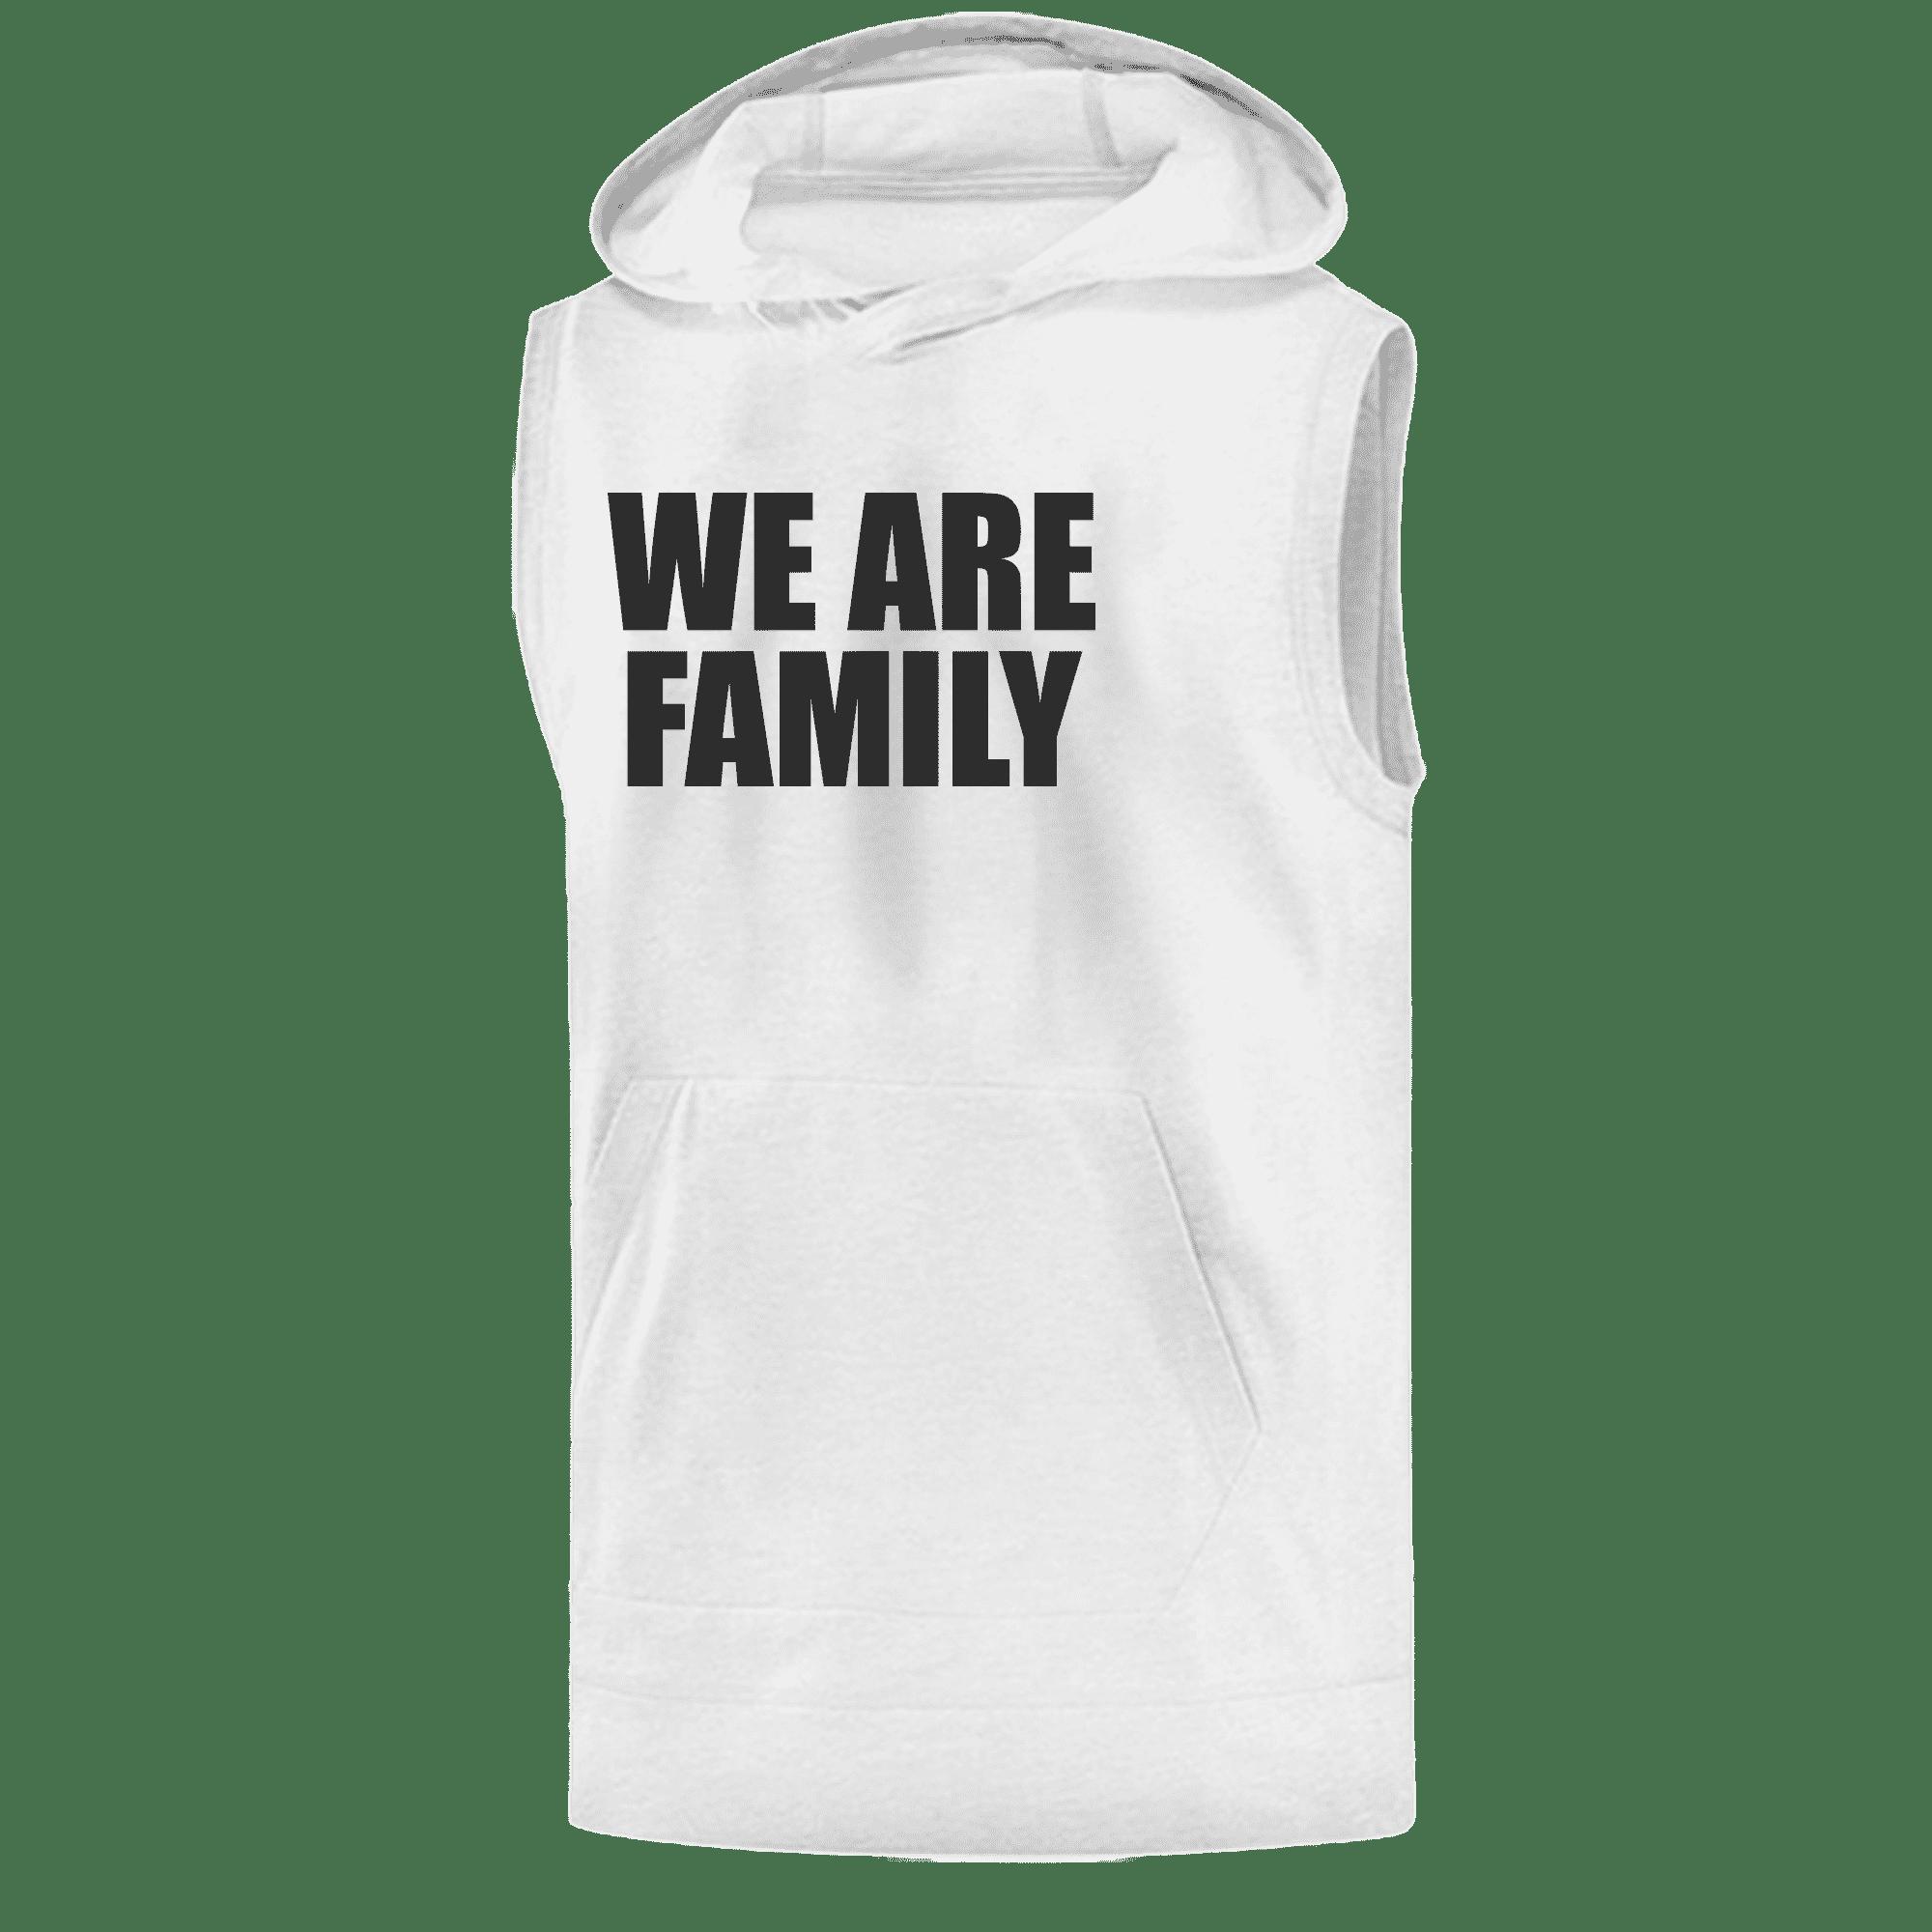 We Are Family Sleeveless (KLS-WHT-NP-WSH-BSKTBLL-wefamily-Syh-542)